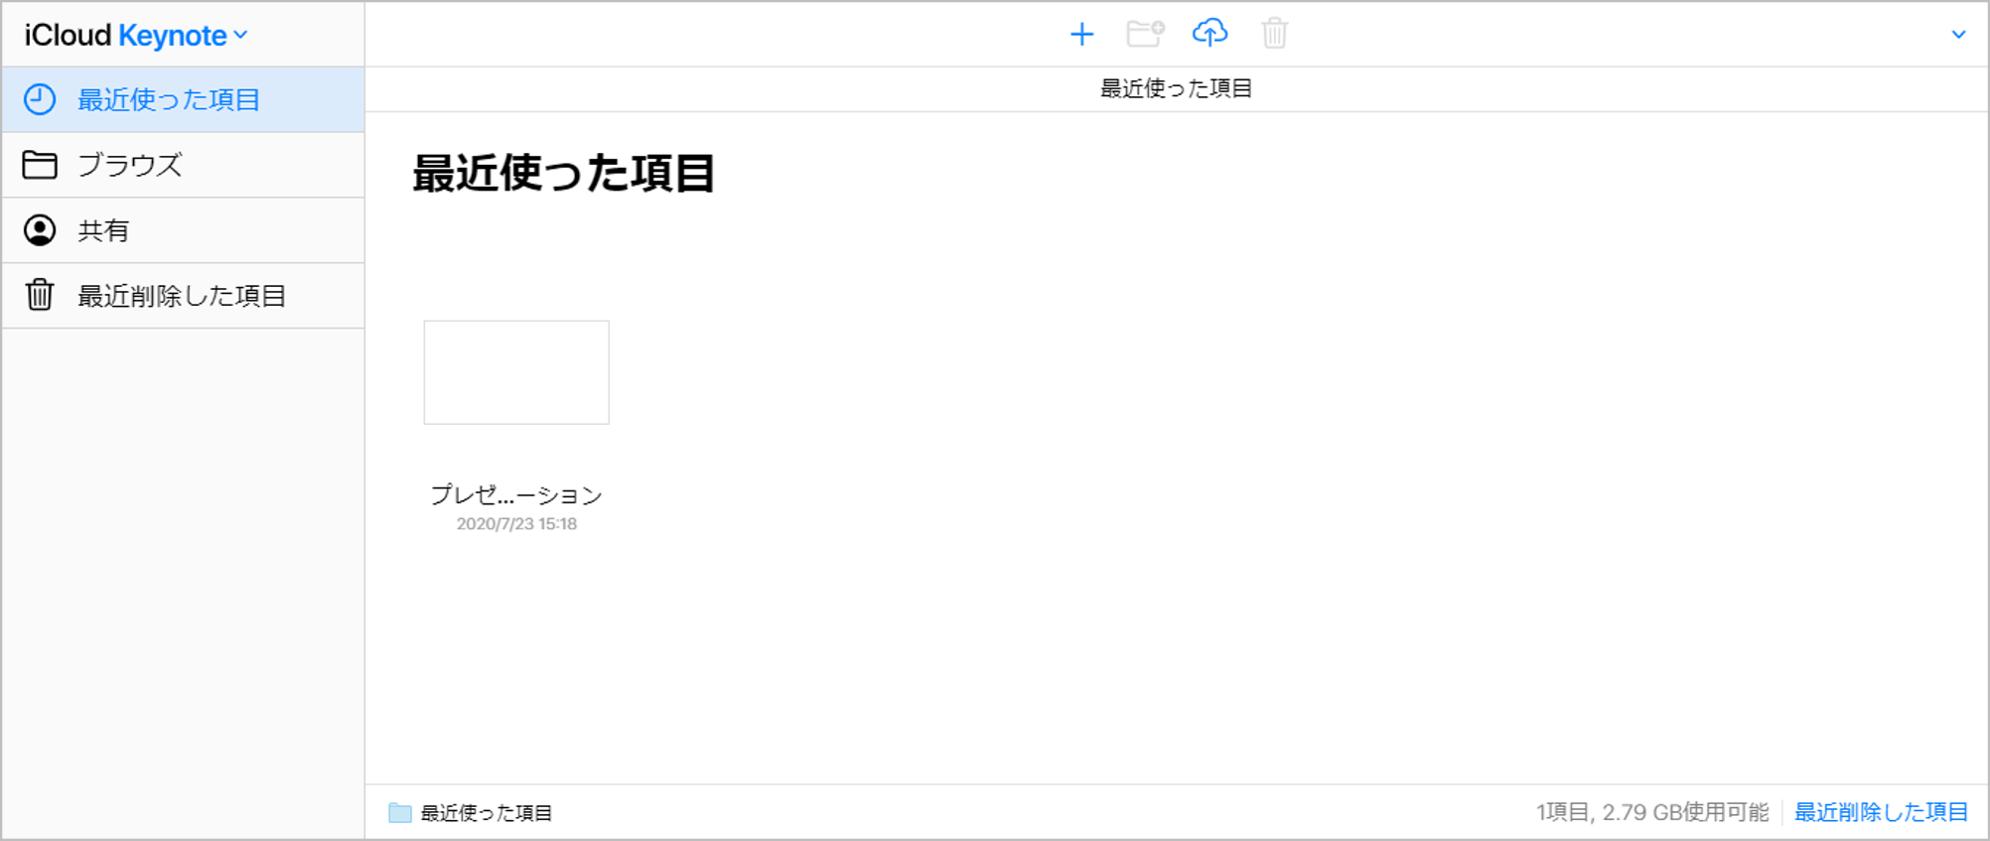 キーノート Windows 活用方法4